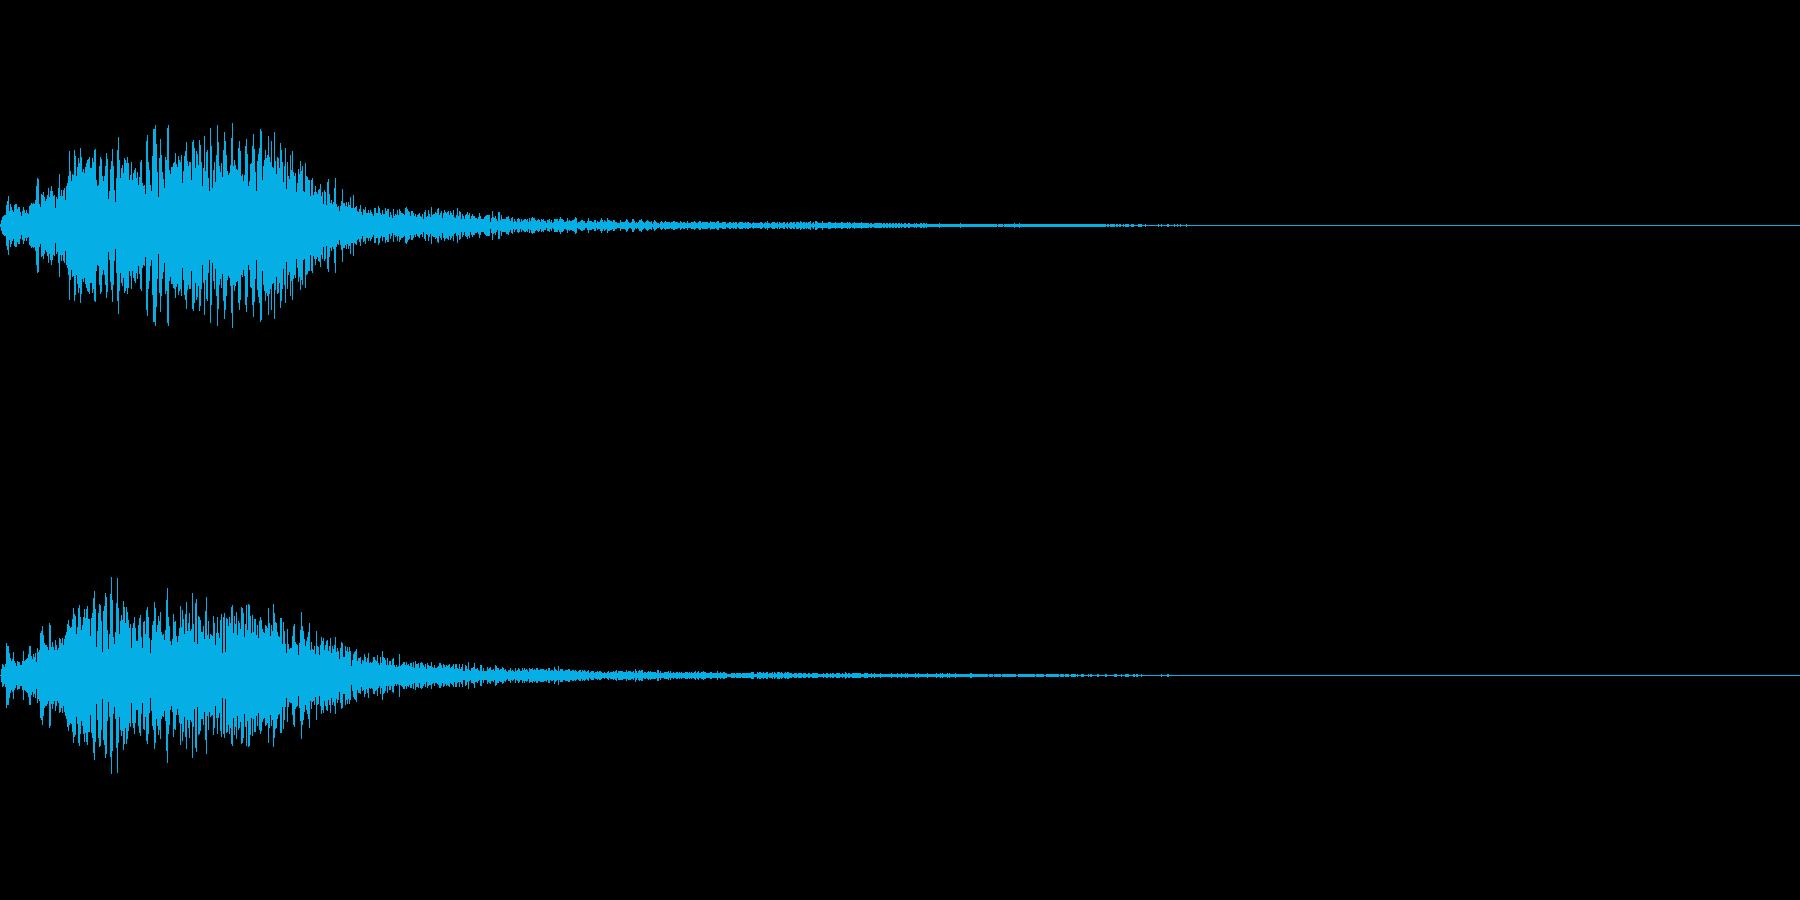 効果音 ホラー その1の再生済みの波形